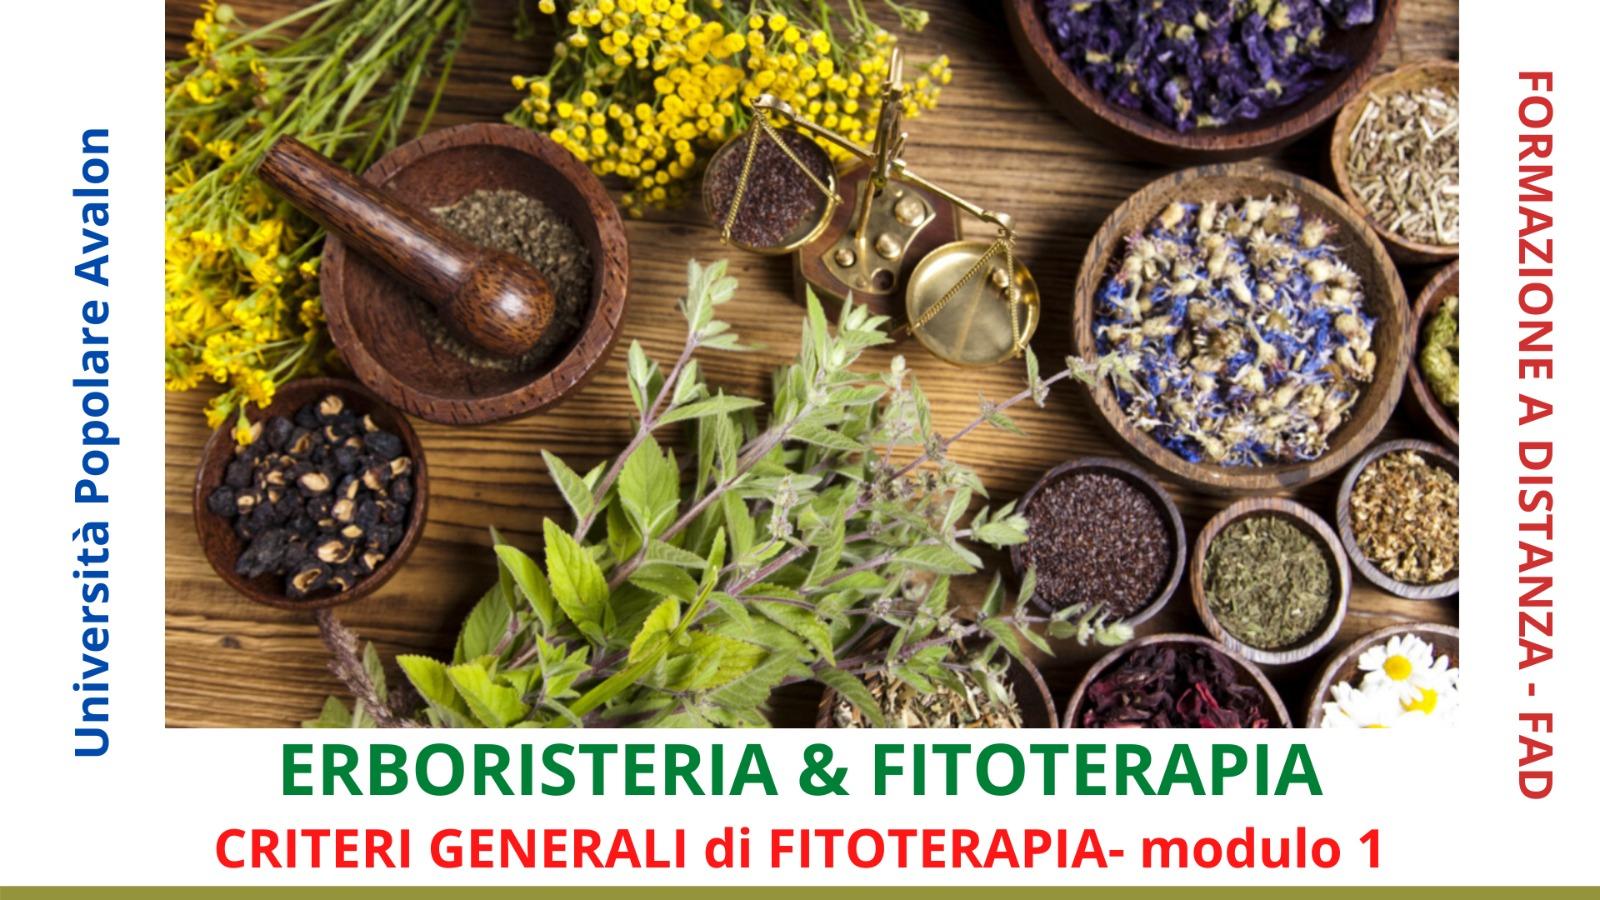 dispensa-erboristeria-e-fitoterapia-criteri-generali-di-fitoterapia-1-modulo